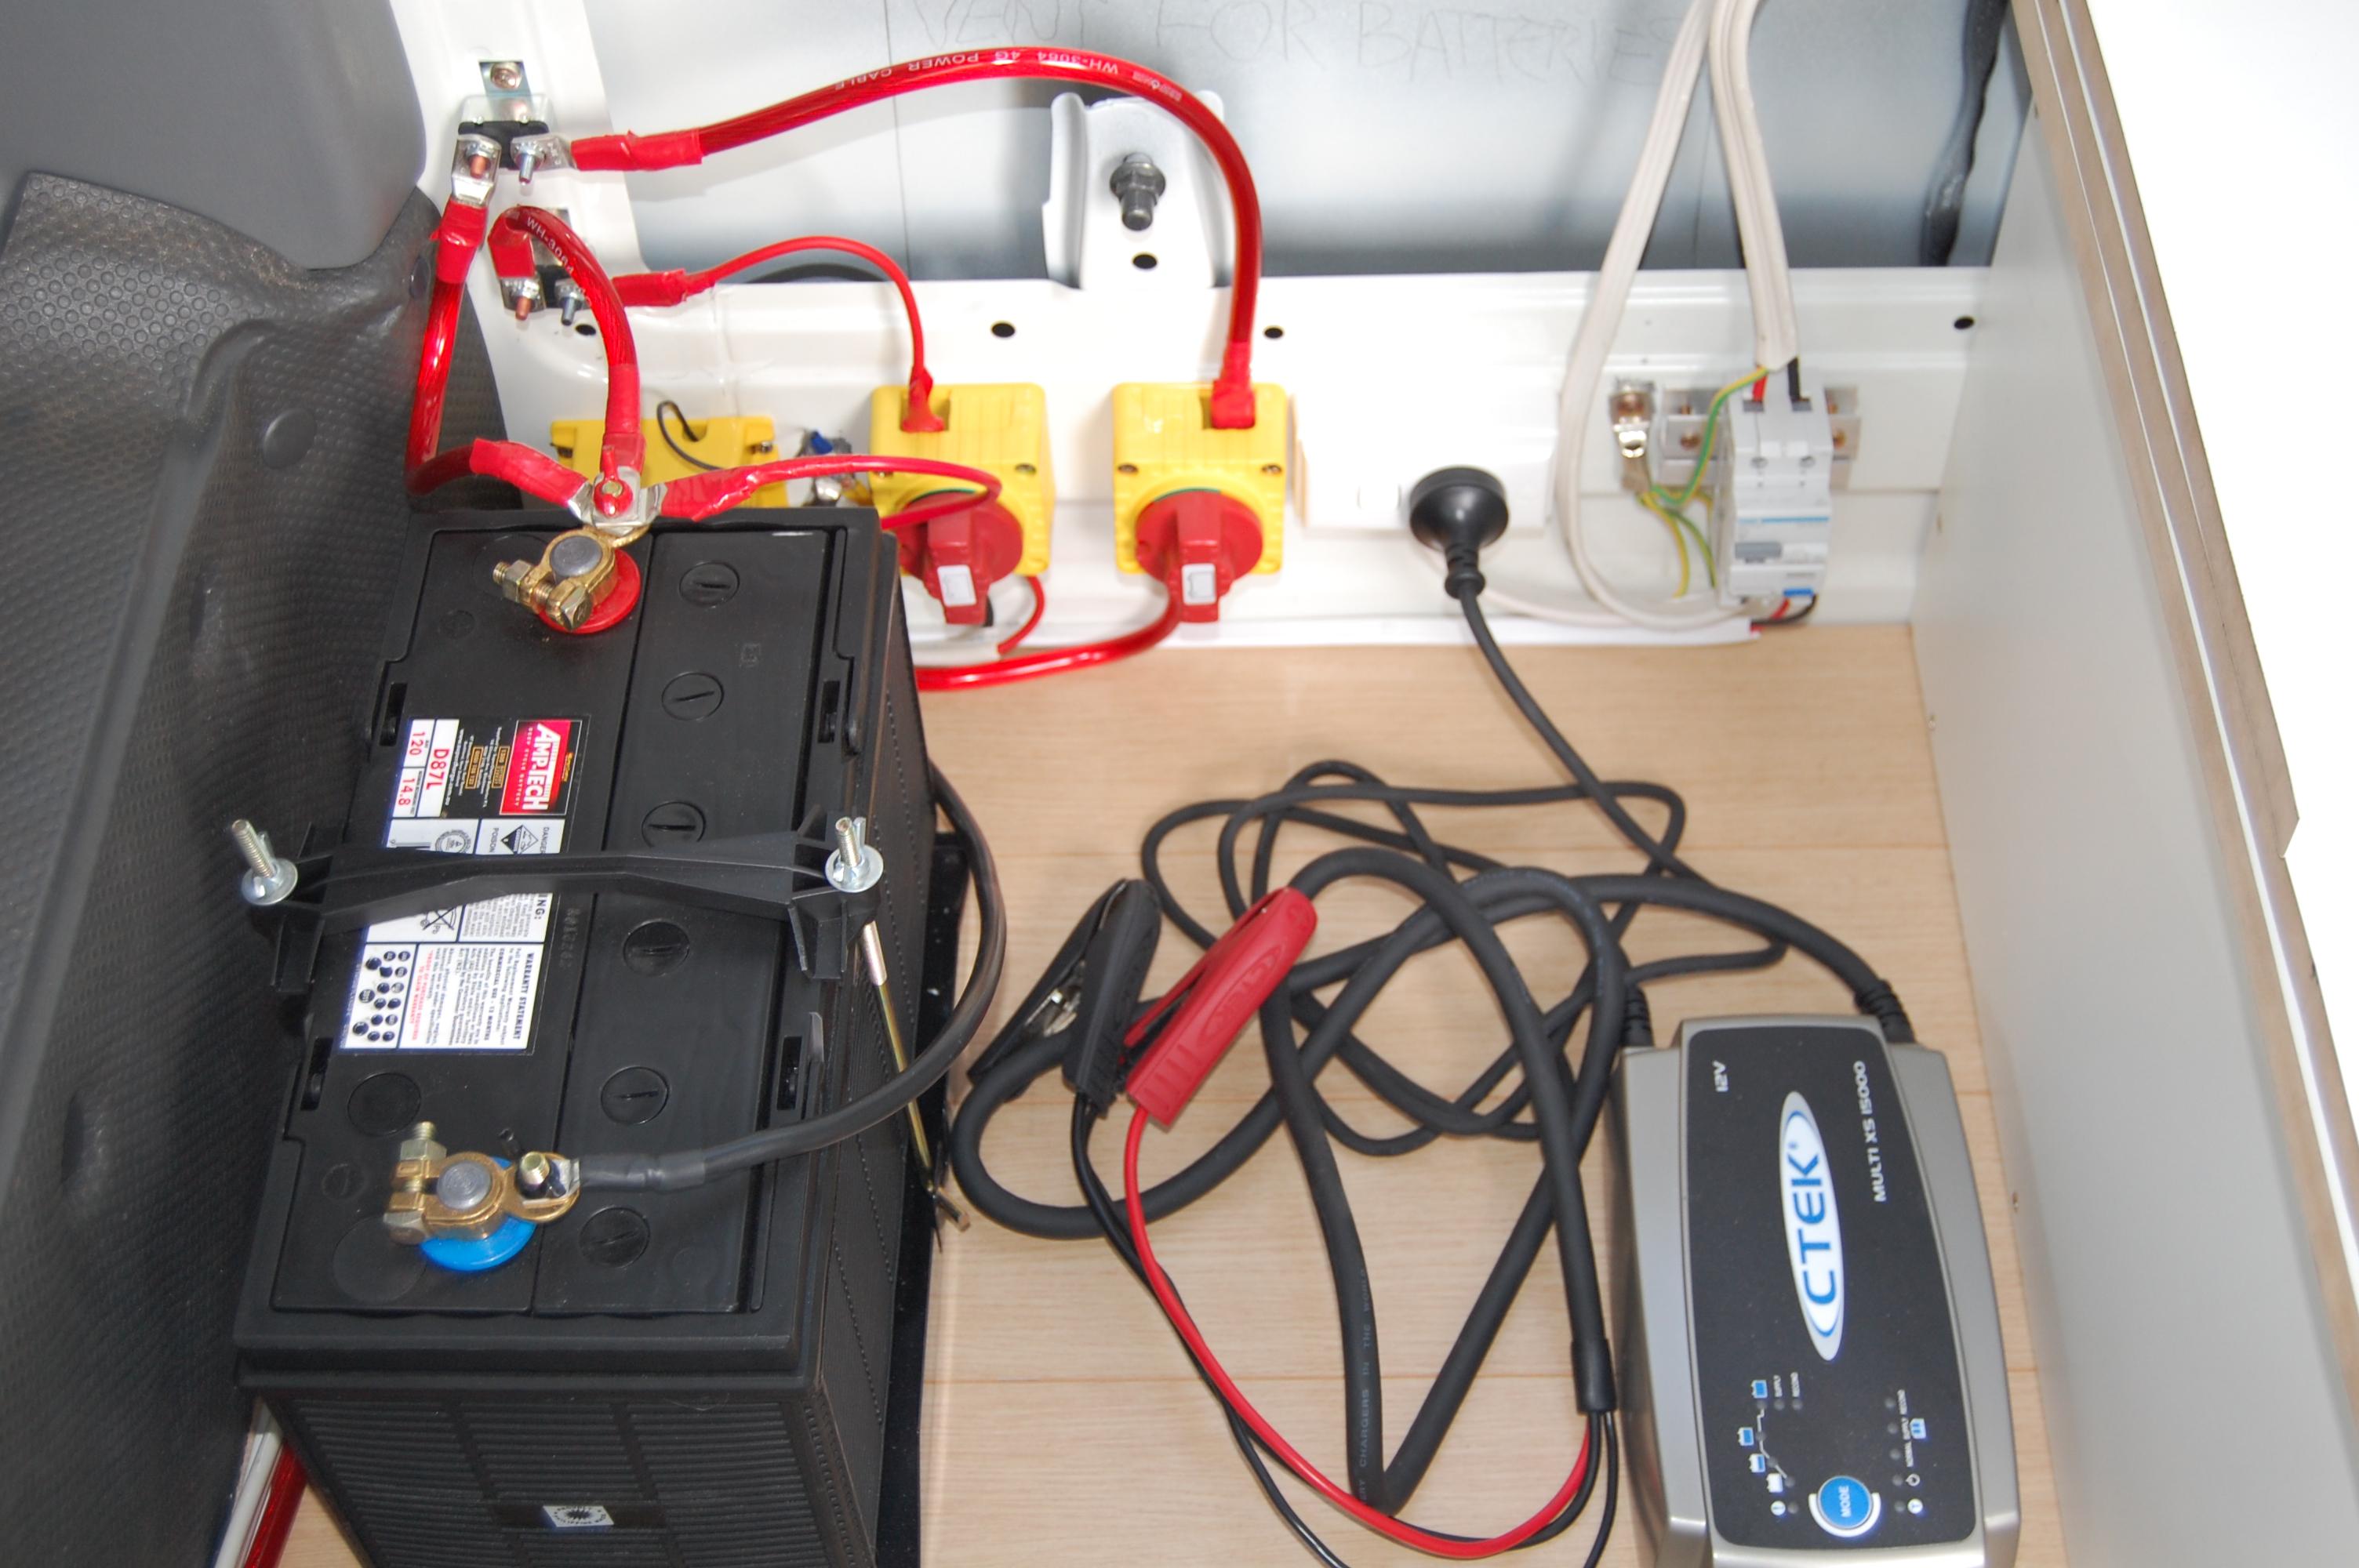 rv 12v 240v wiring diagram wiring diagram advance 12v 240v caravan wiring diagram wiring diagram experts [ 3008 x 2000 Pixel ]